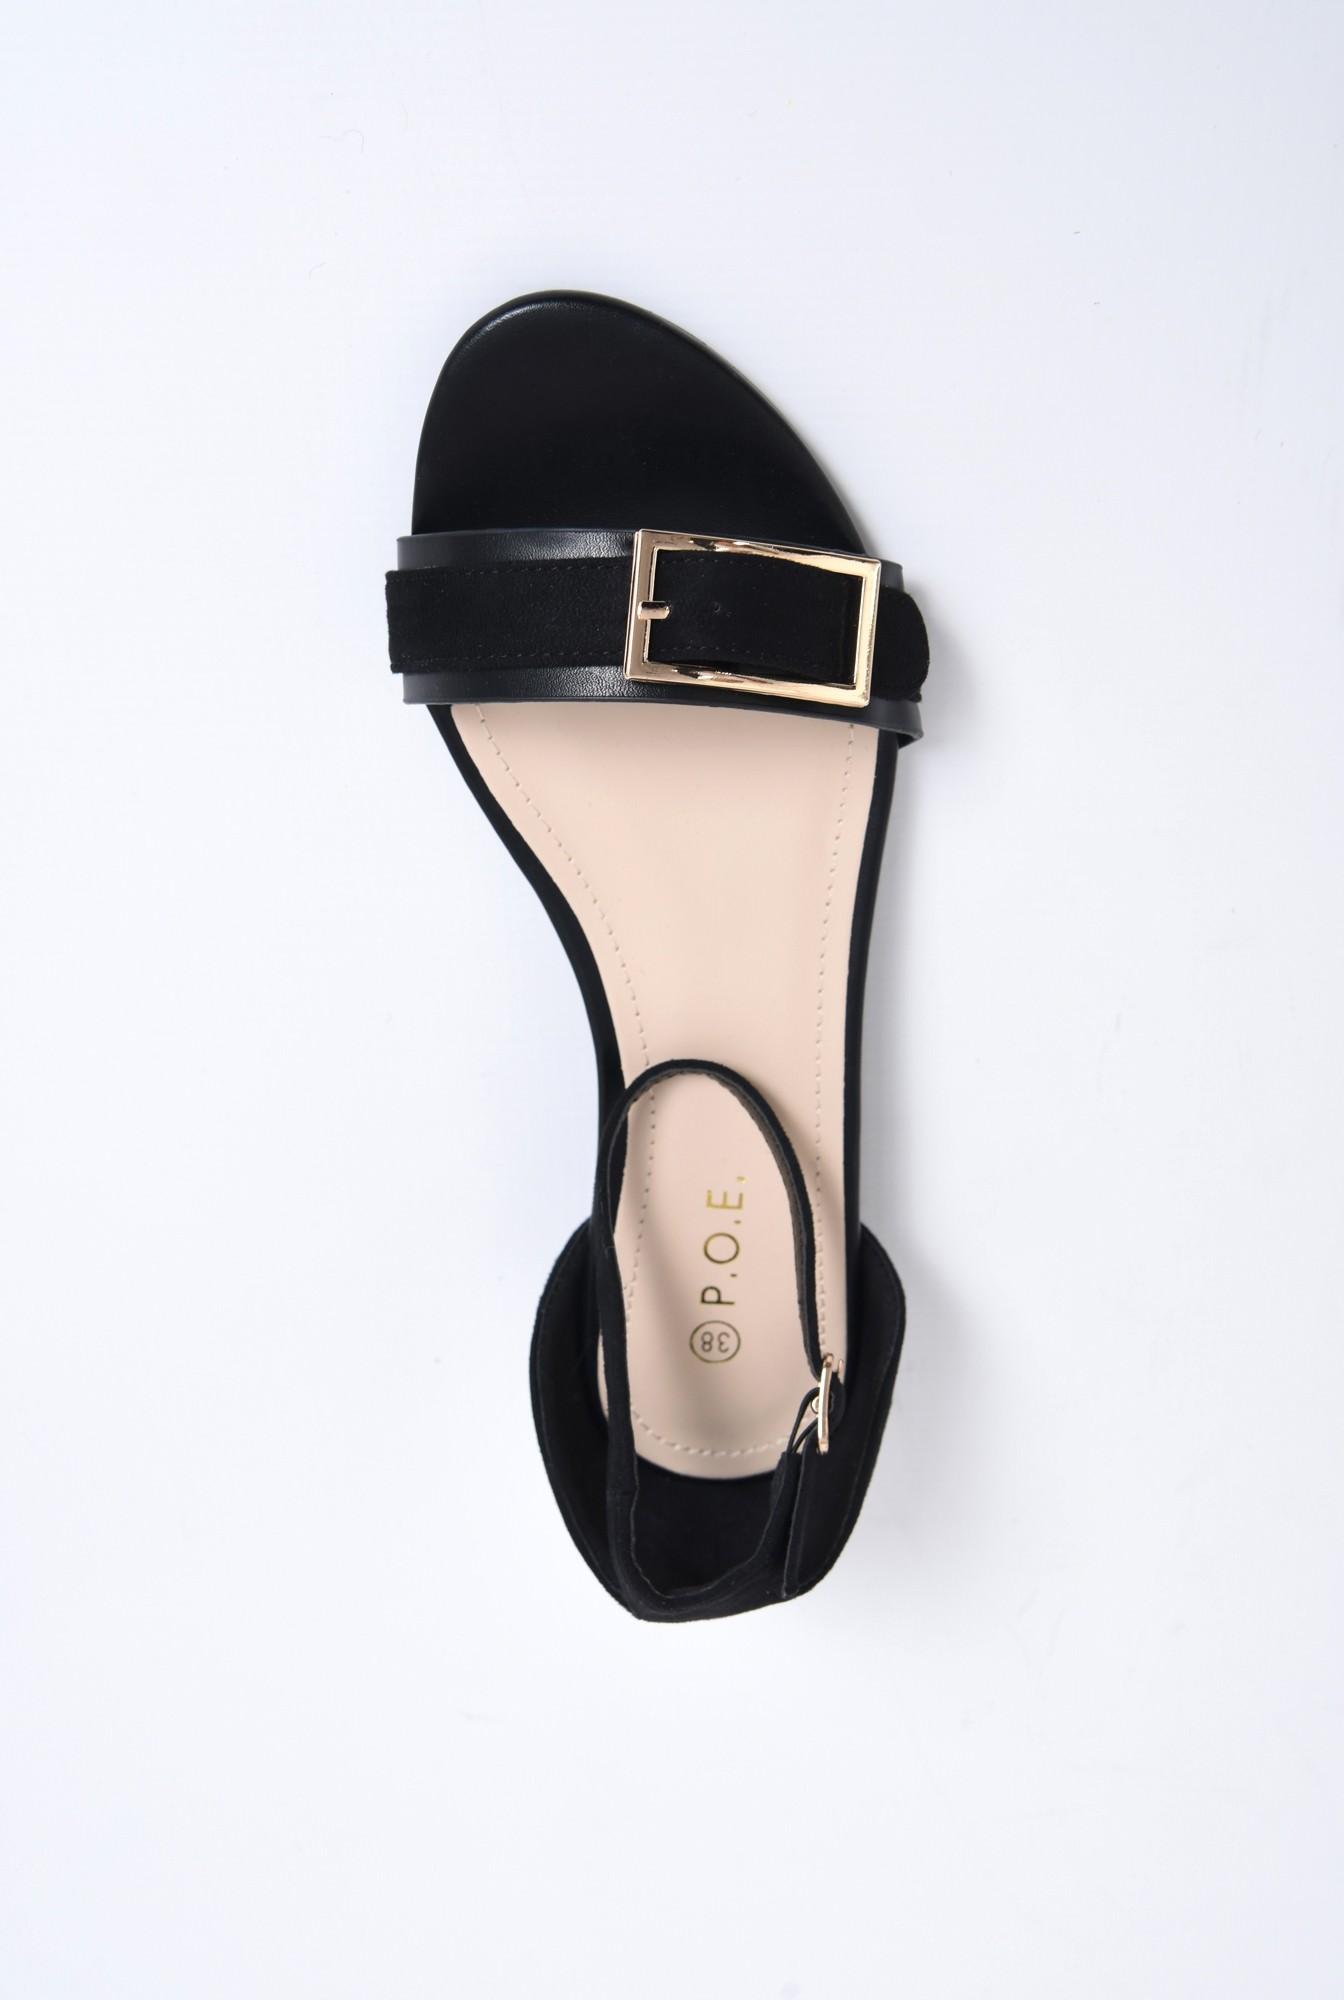 2 - sandale comode, cu talpa joasa, negre, din velur, catarama decorativa aurie